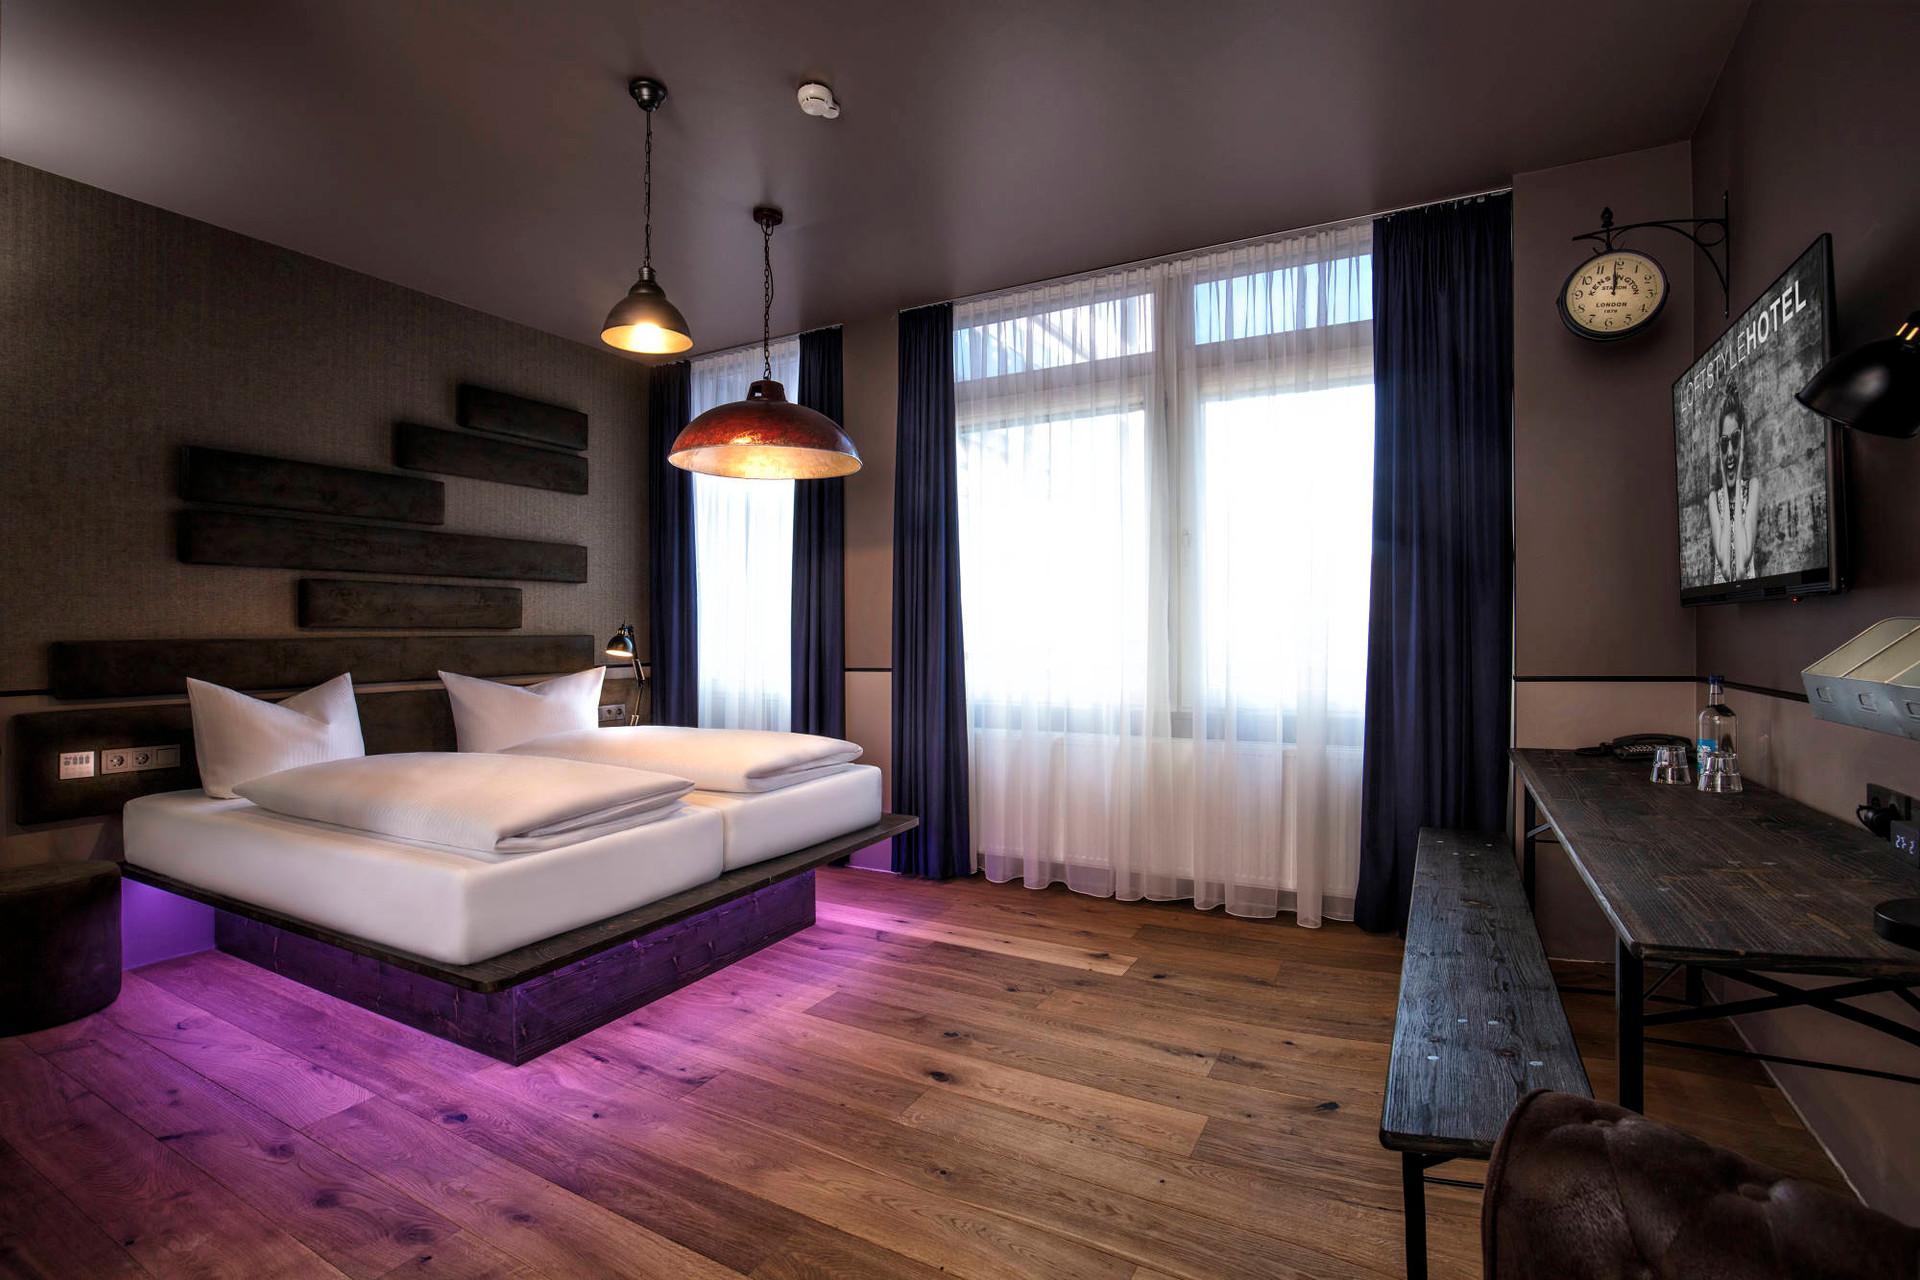 08-hotel-stuttgart-zuffenhausen.jpg